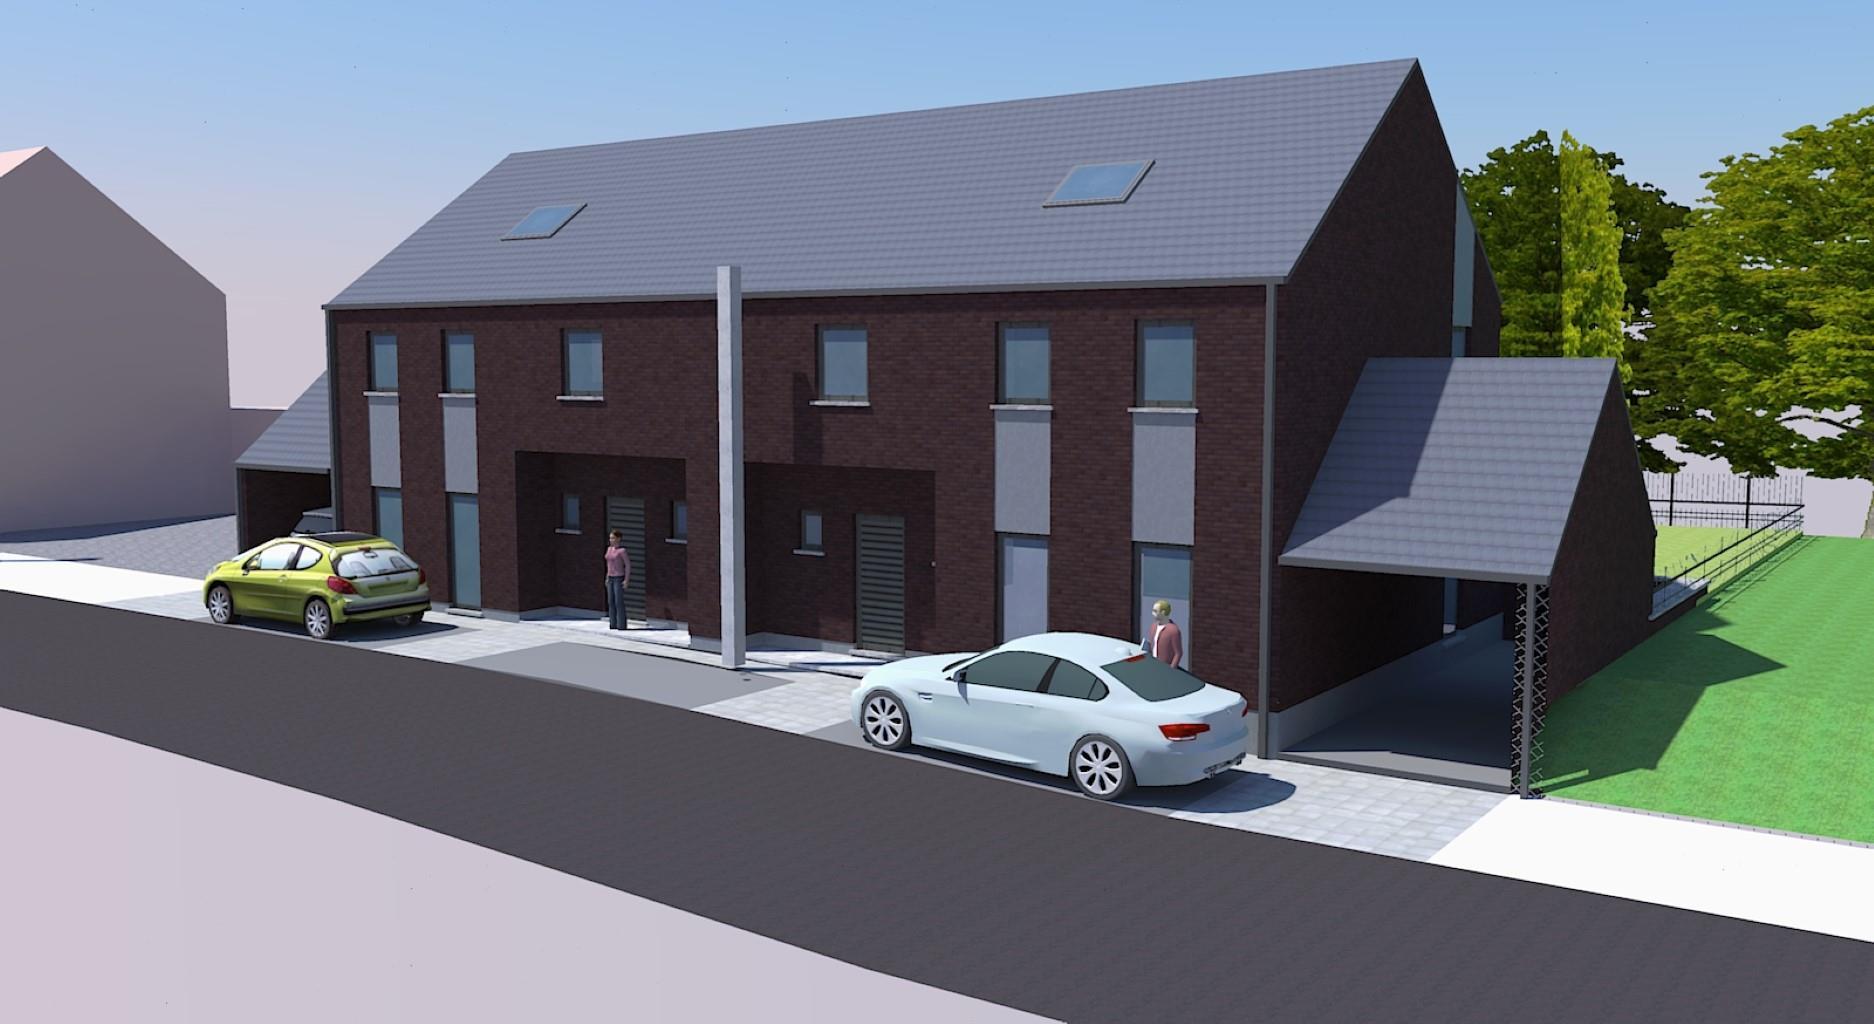 Lot de 2 maisons 3 façades - Ittre - #3191927-5